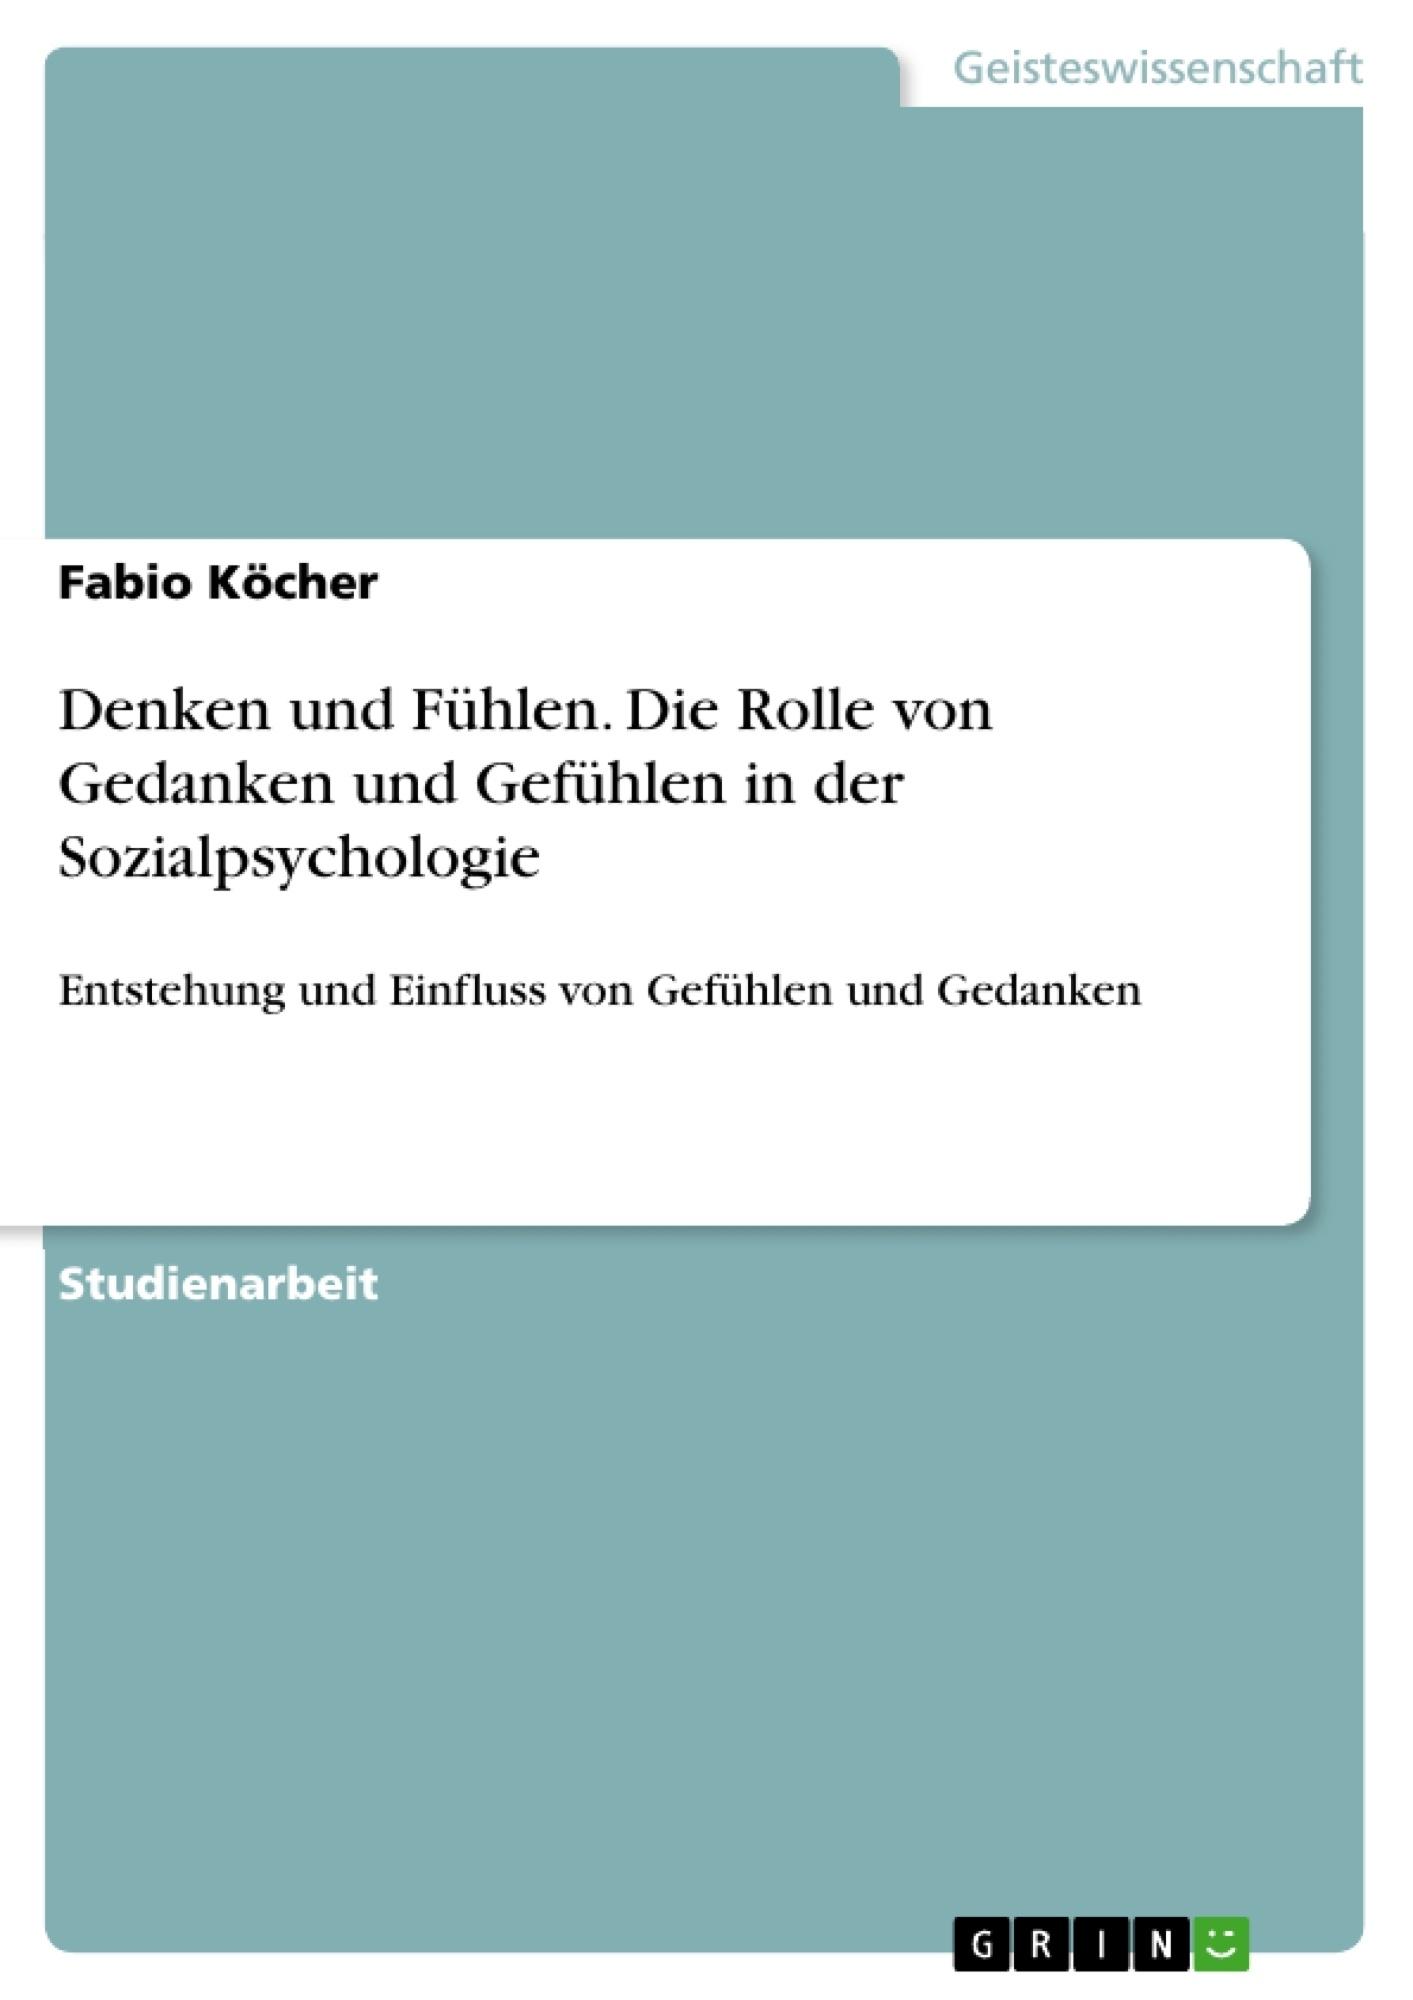 Titel: Denken und Fühlen. Die Rolle von Gedanken und Gefühlen in der Sozialpsychologie